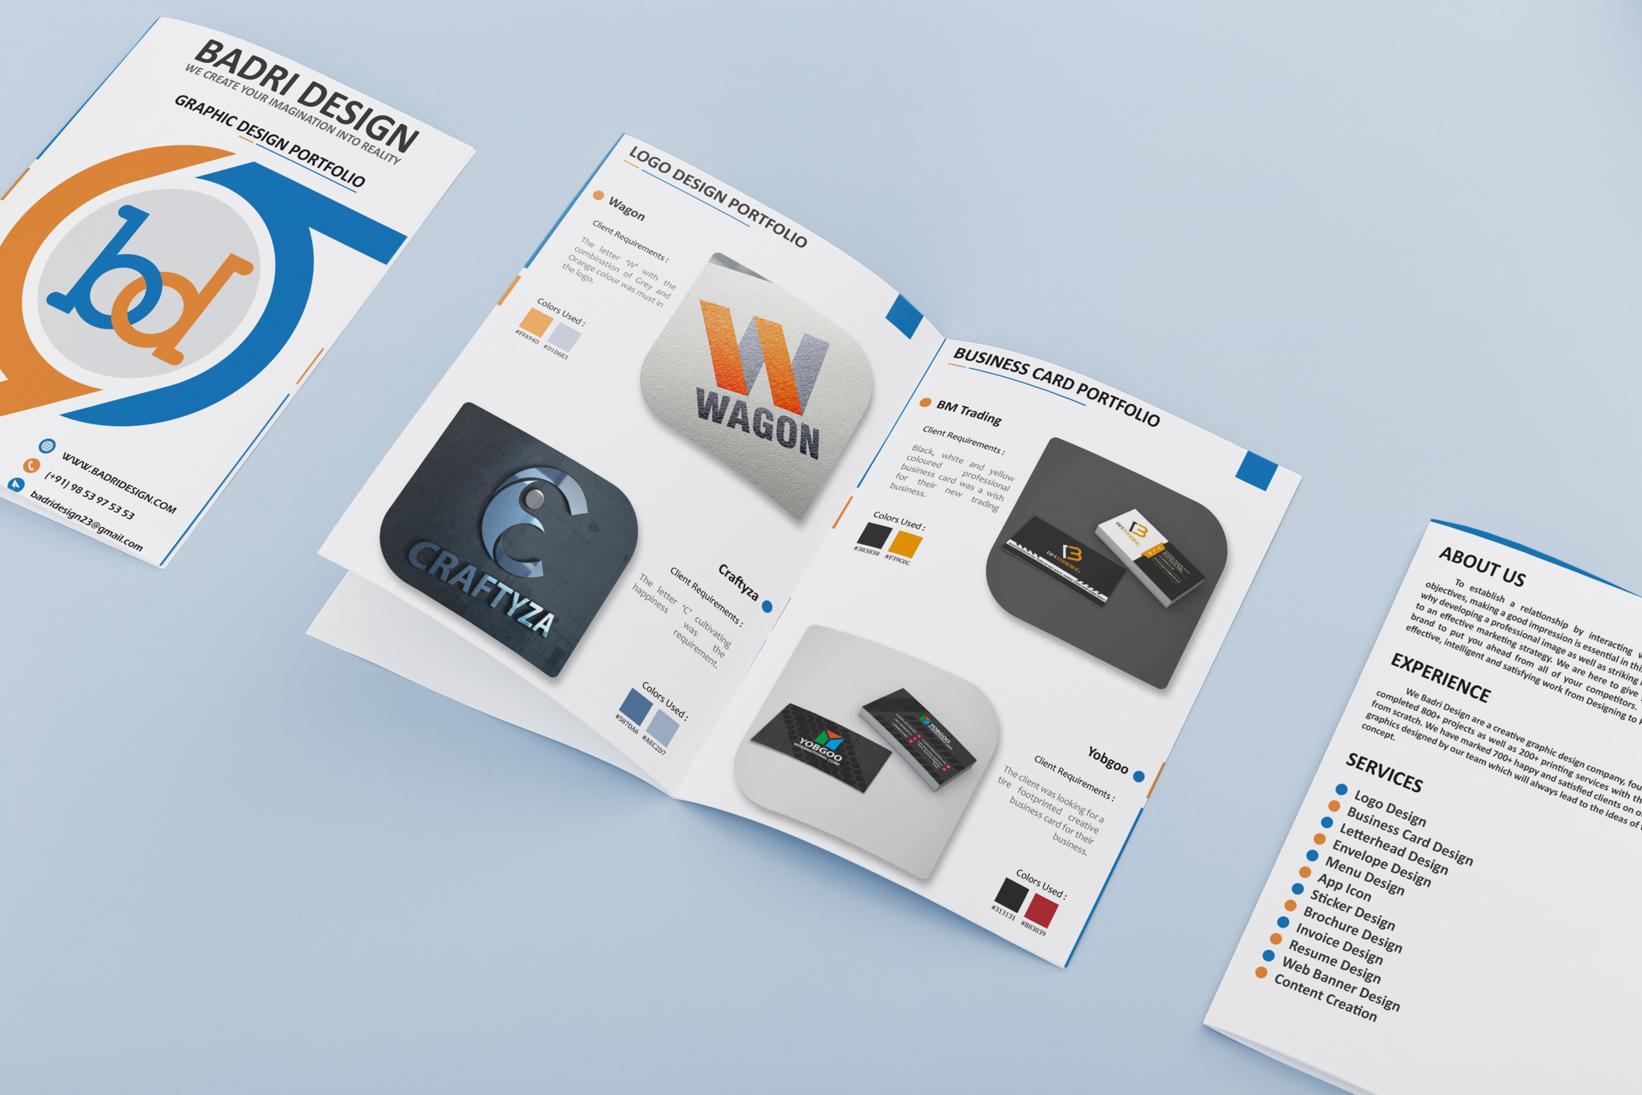 Graphic design Portfolio design for Badri design